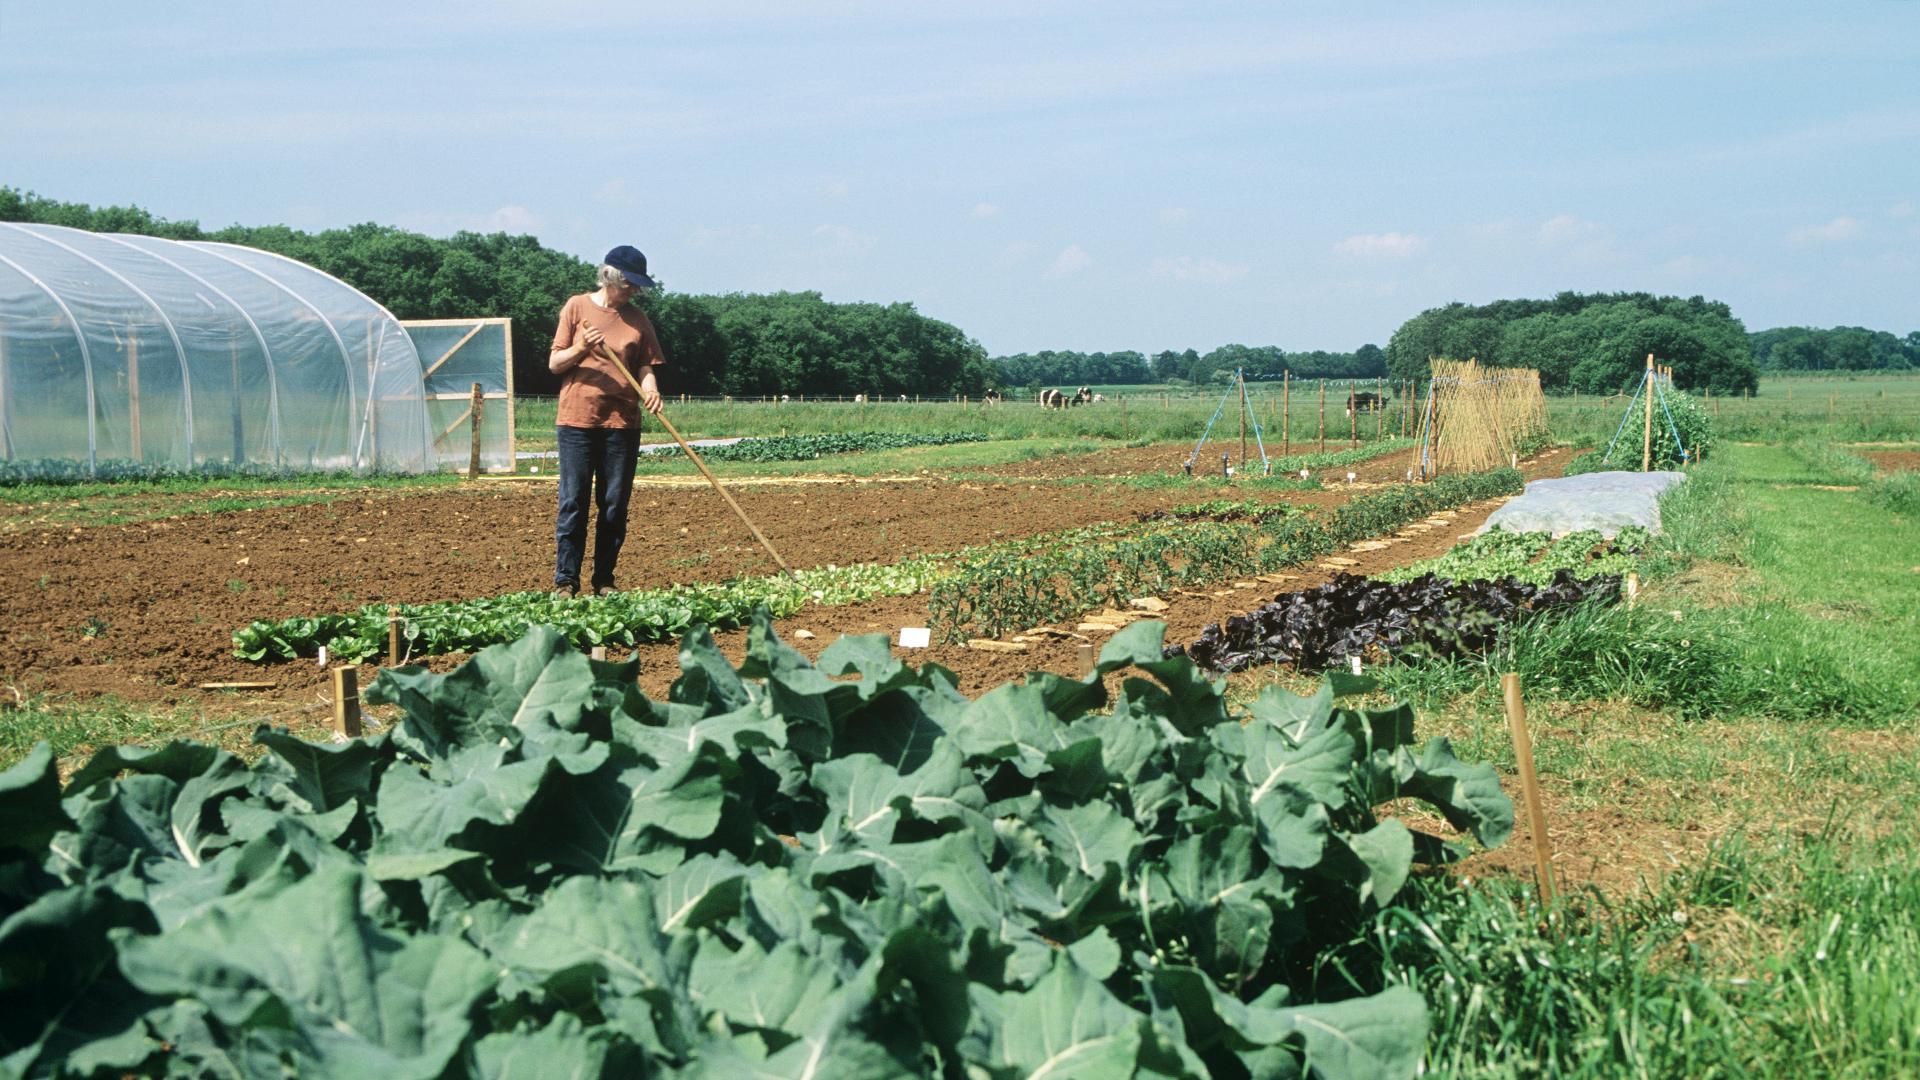 Die Landwirtschaft muss ihren Beitrag für den Klimaschutz leisten. © David Lawson / WWF